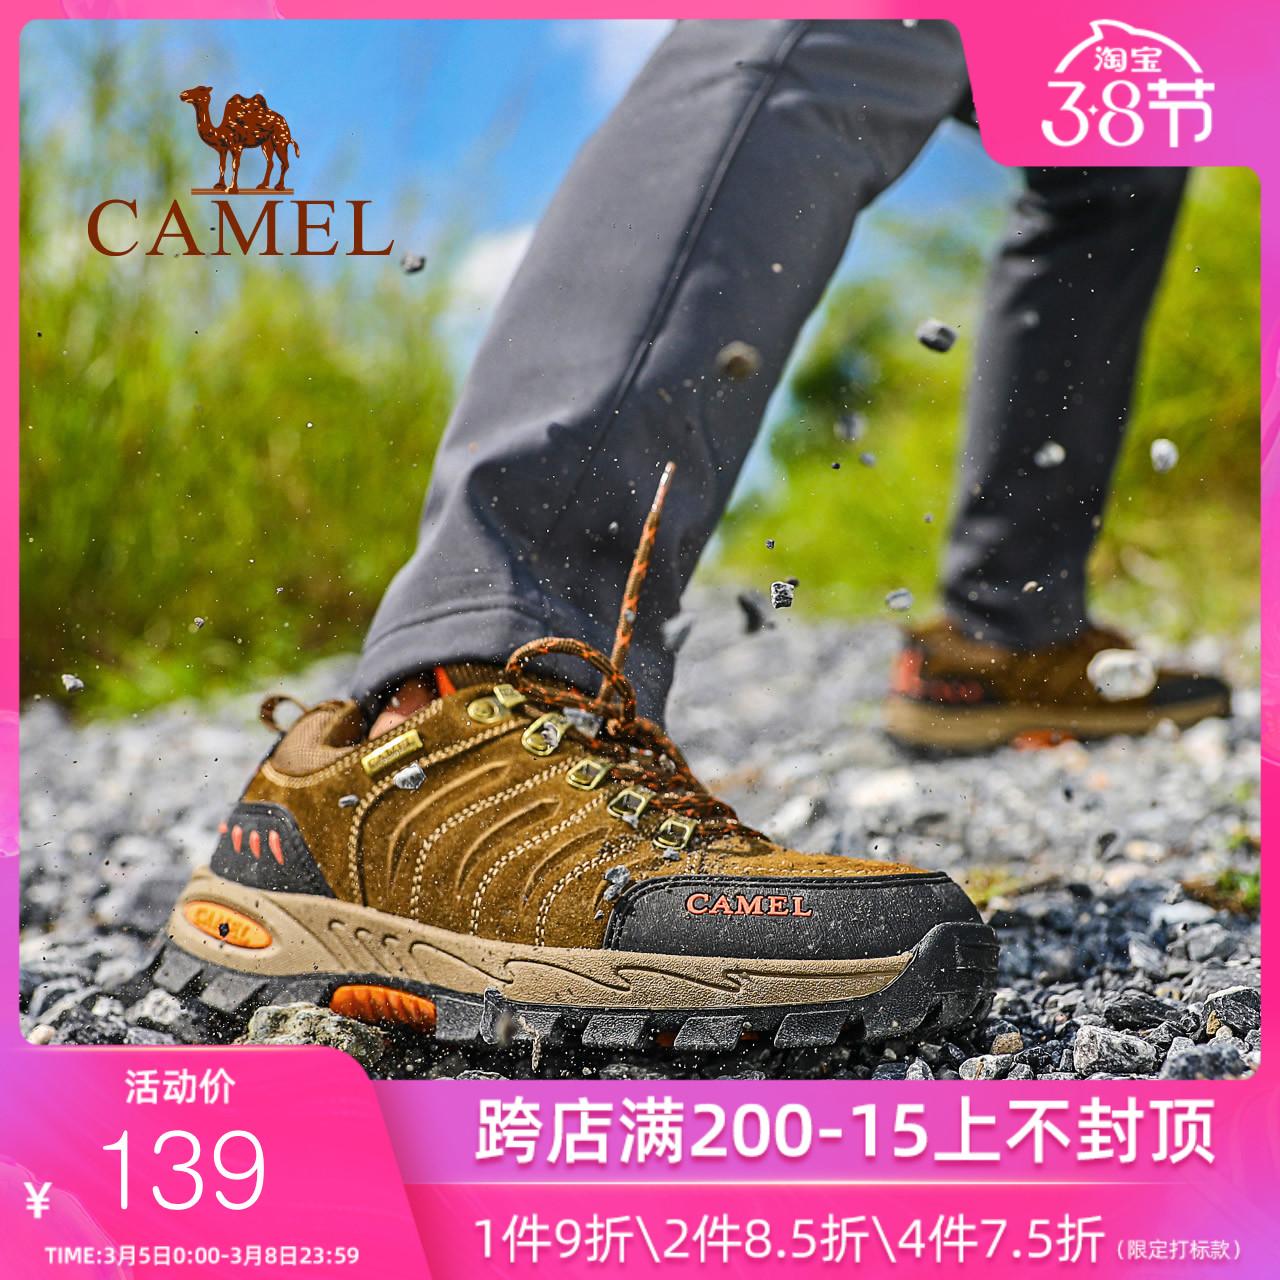 骆驼户外登山鞋男女鞋保暖防滑减震鞋耐磨低帮运动徒步鞋户外鞋